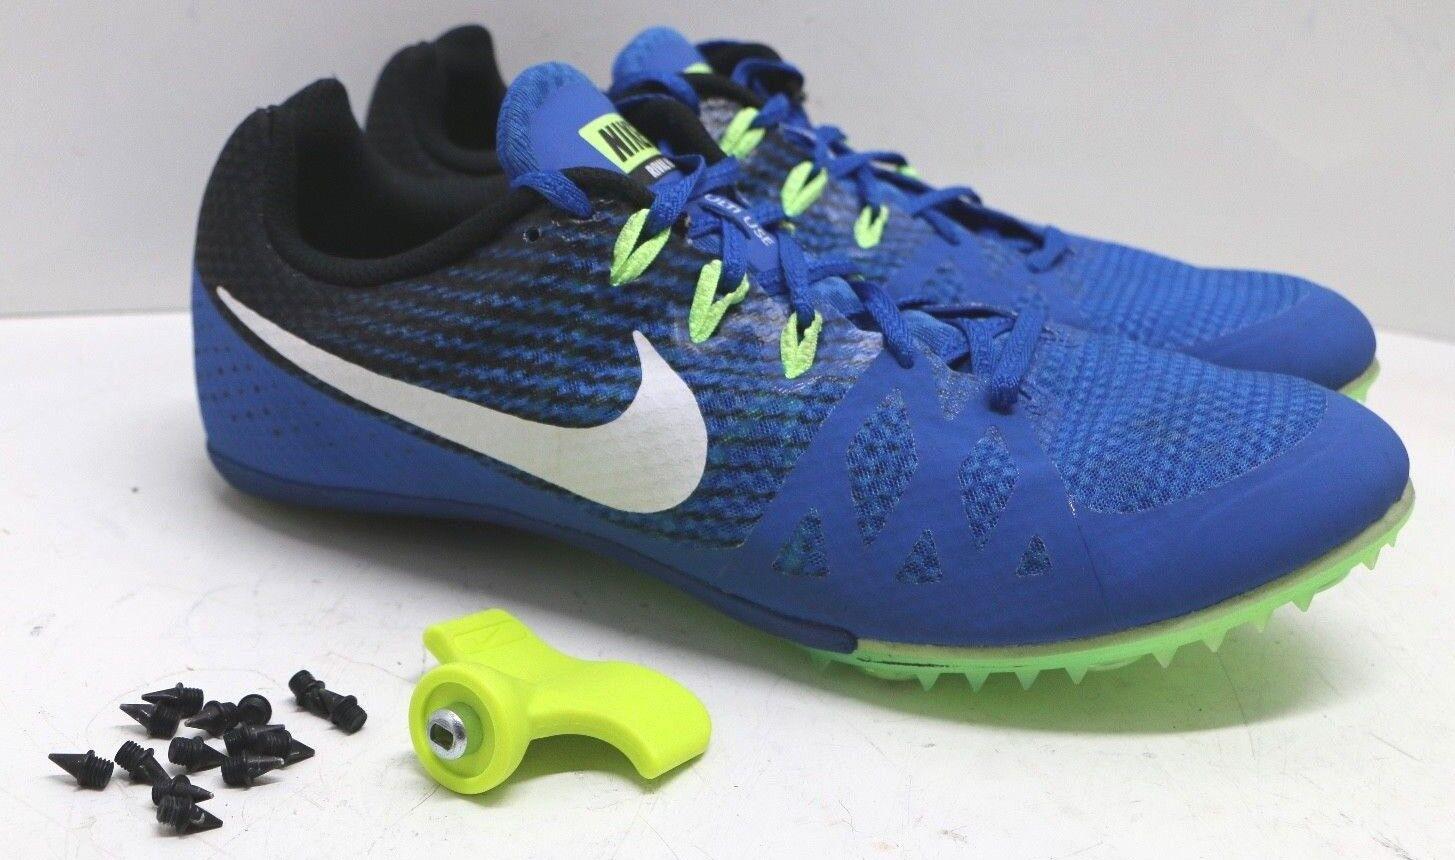 Nike zoom rivale m m m 8 tracce in campo spike multi - uso racing scarpa mens sz 11,5 | Materiali Selezionati Con Cura  | Alta Qualità  | Nuovi prodotti nel 2019  8c4732